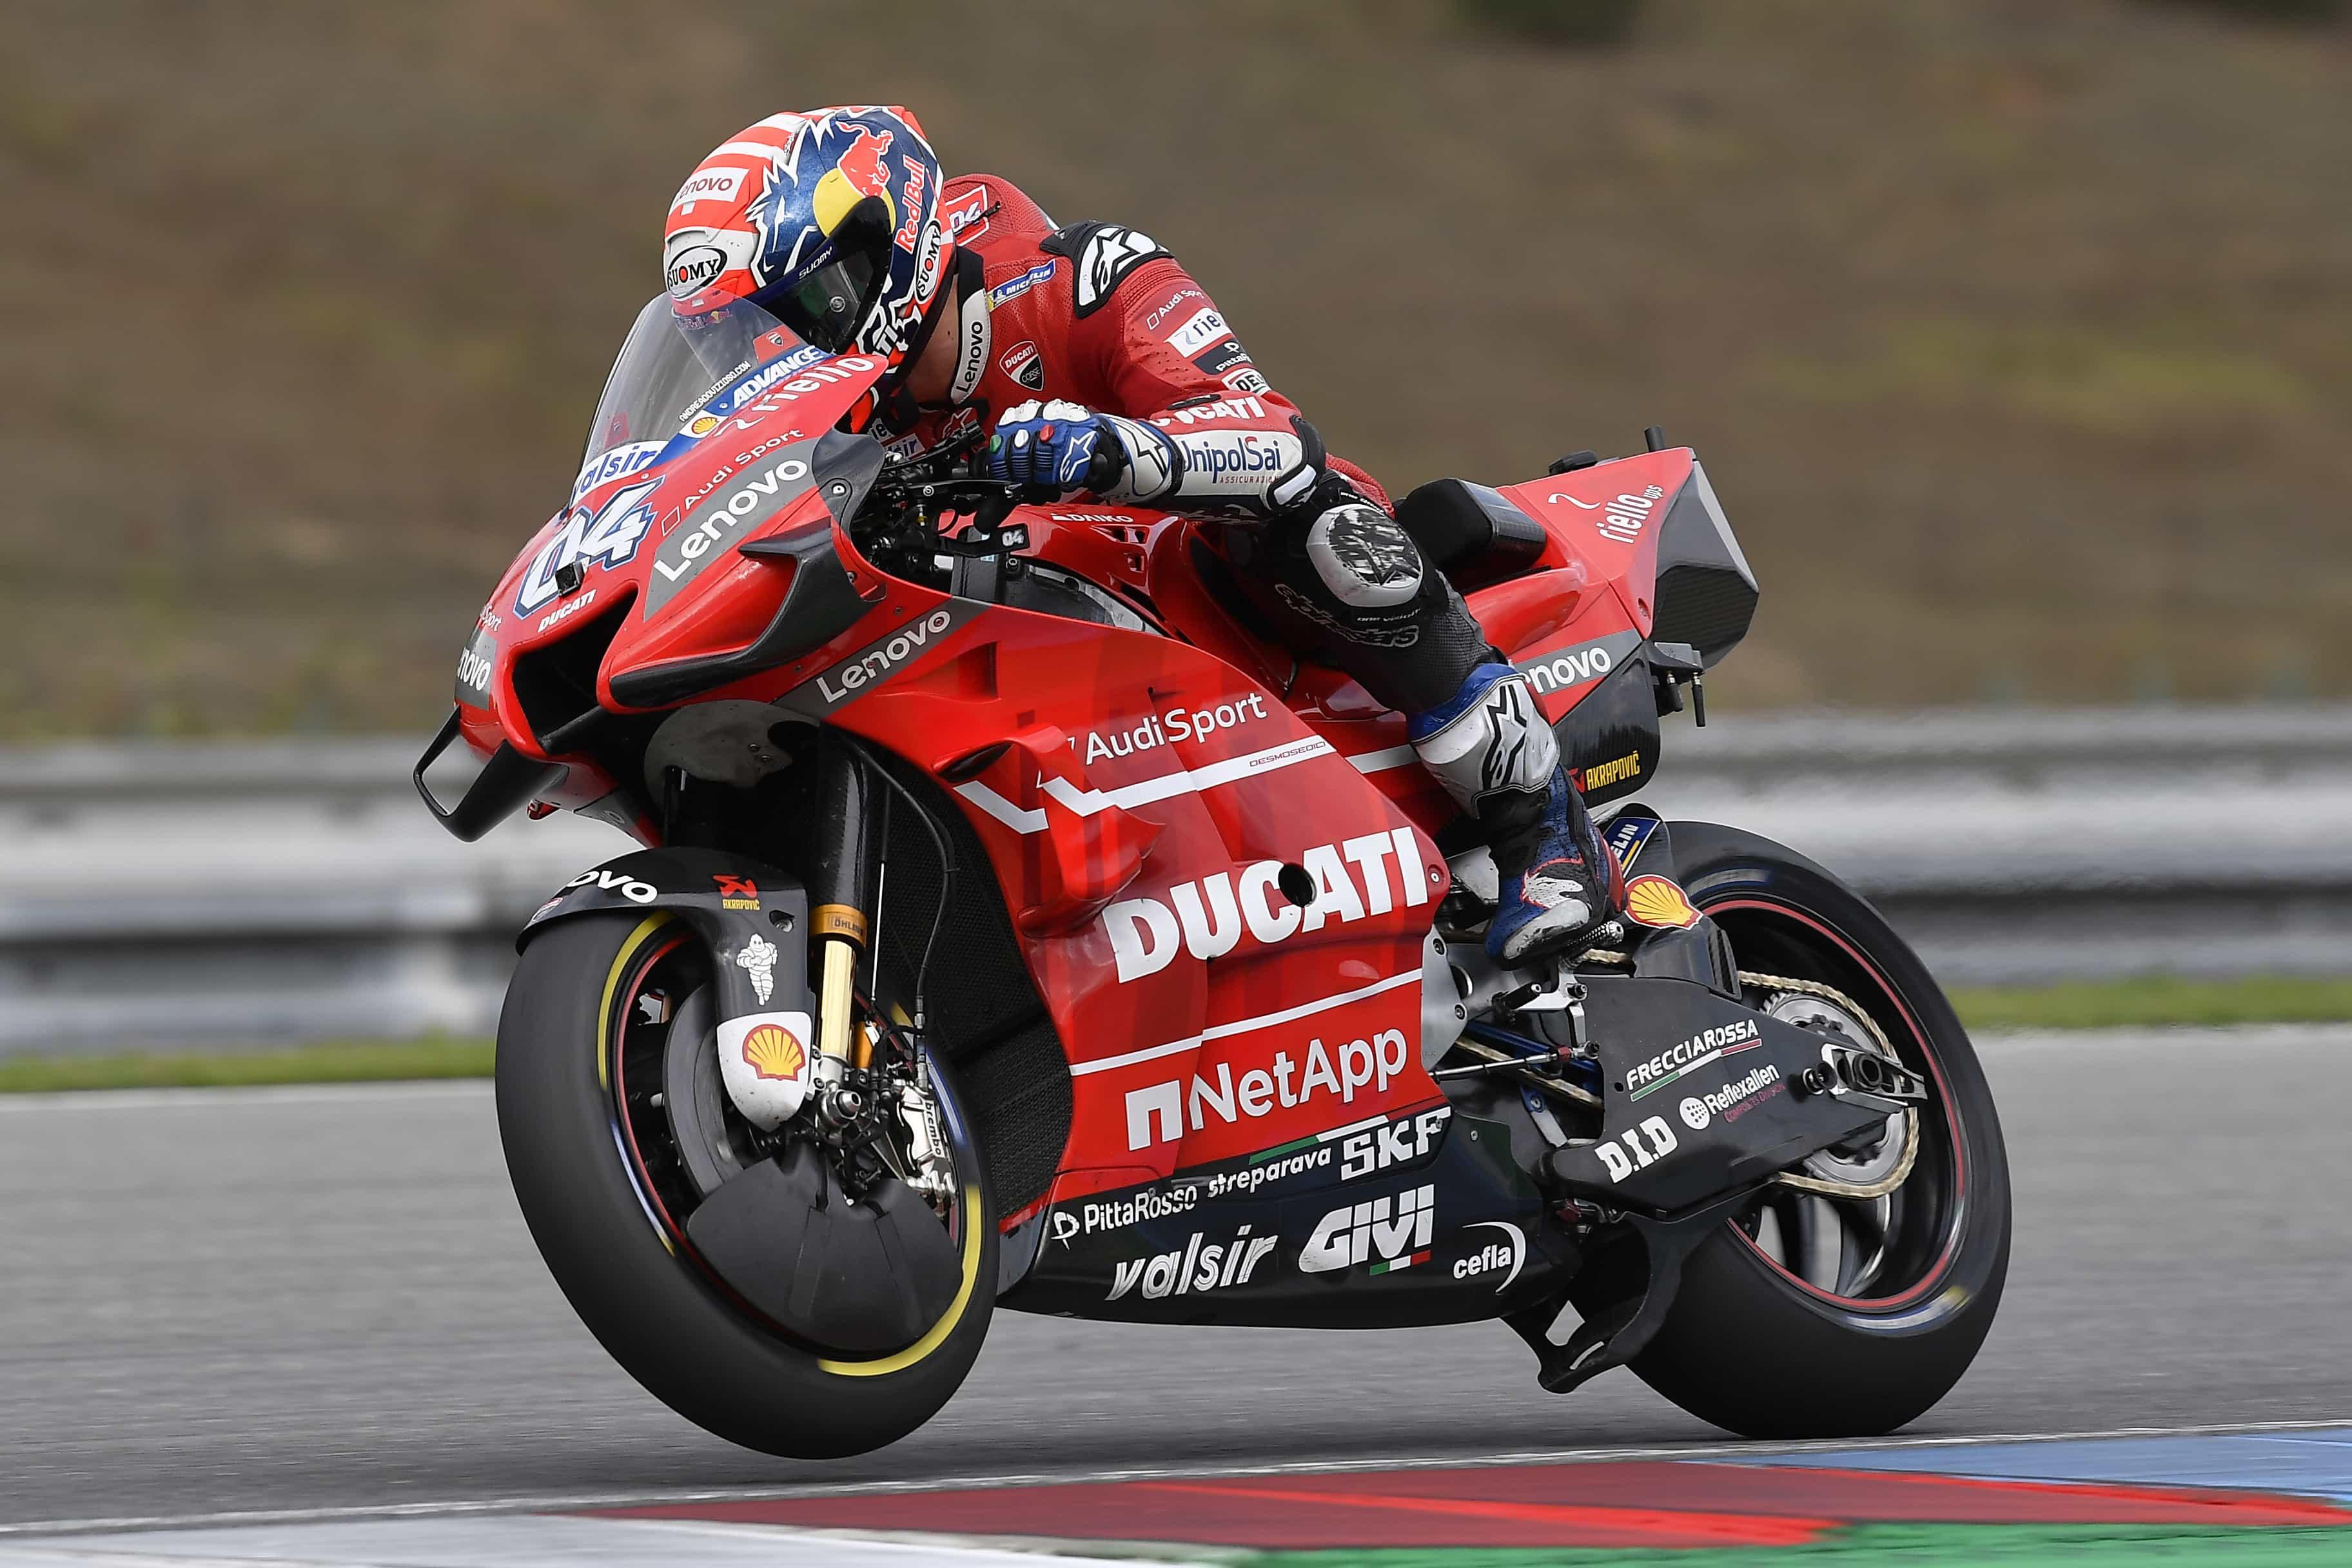 MotoGP2019ブルノテスト ドヴィツィオーゾ「しっかり新旧フェアリングの比較が出来た」